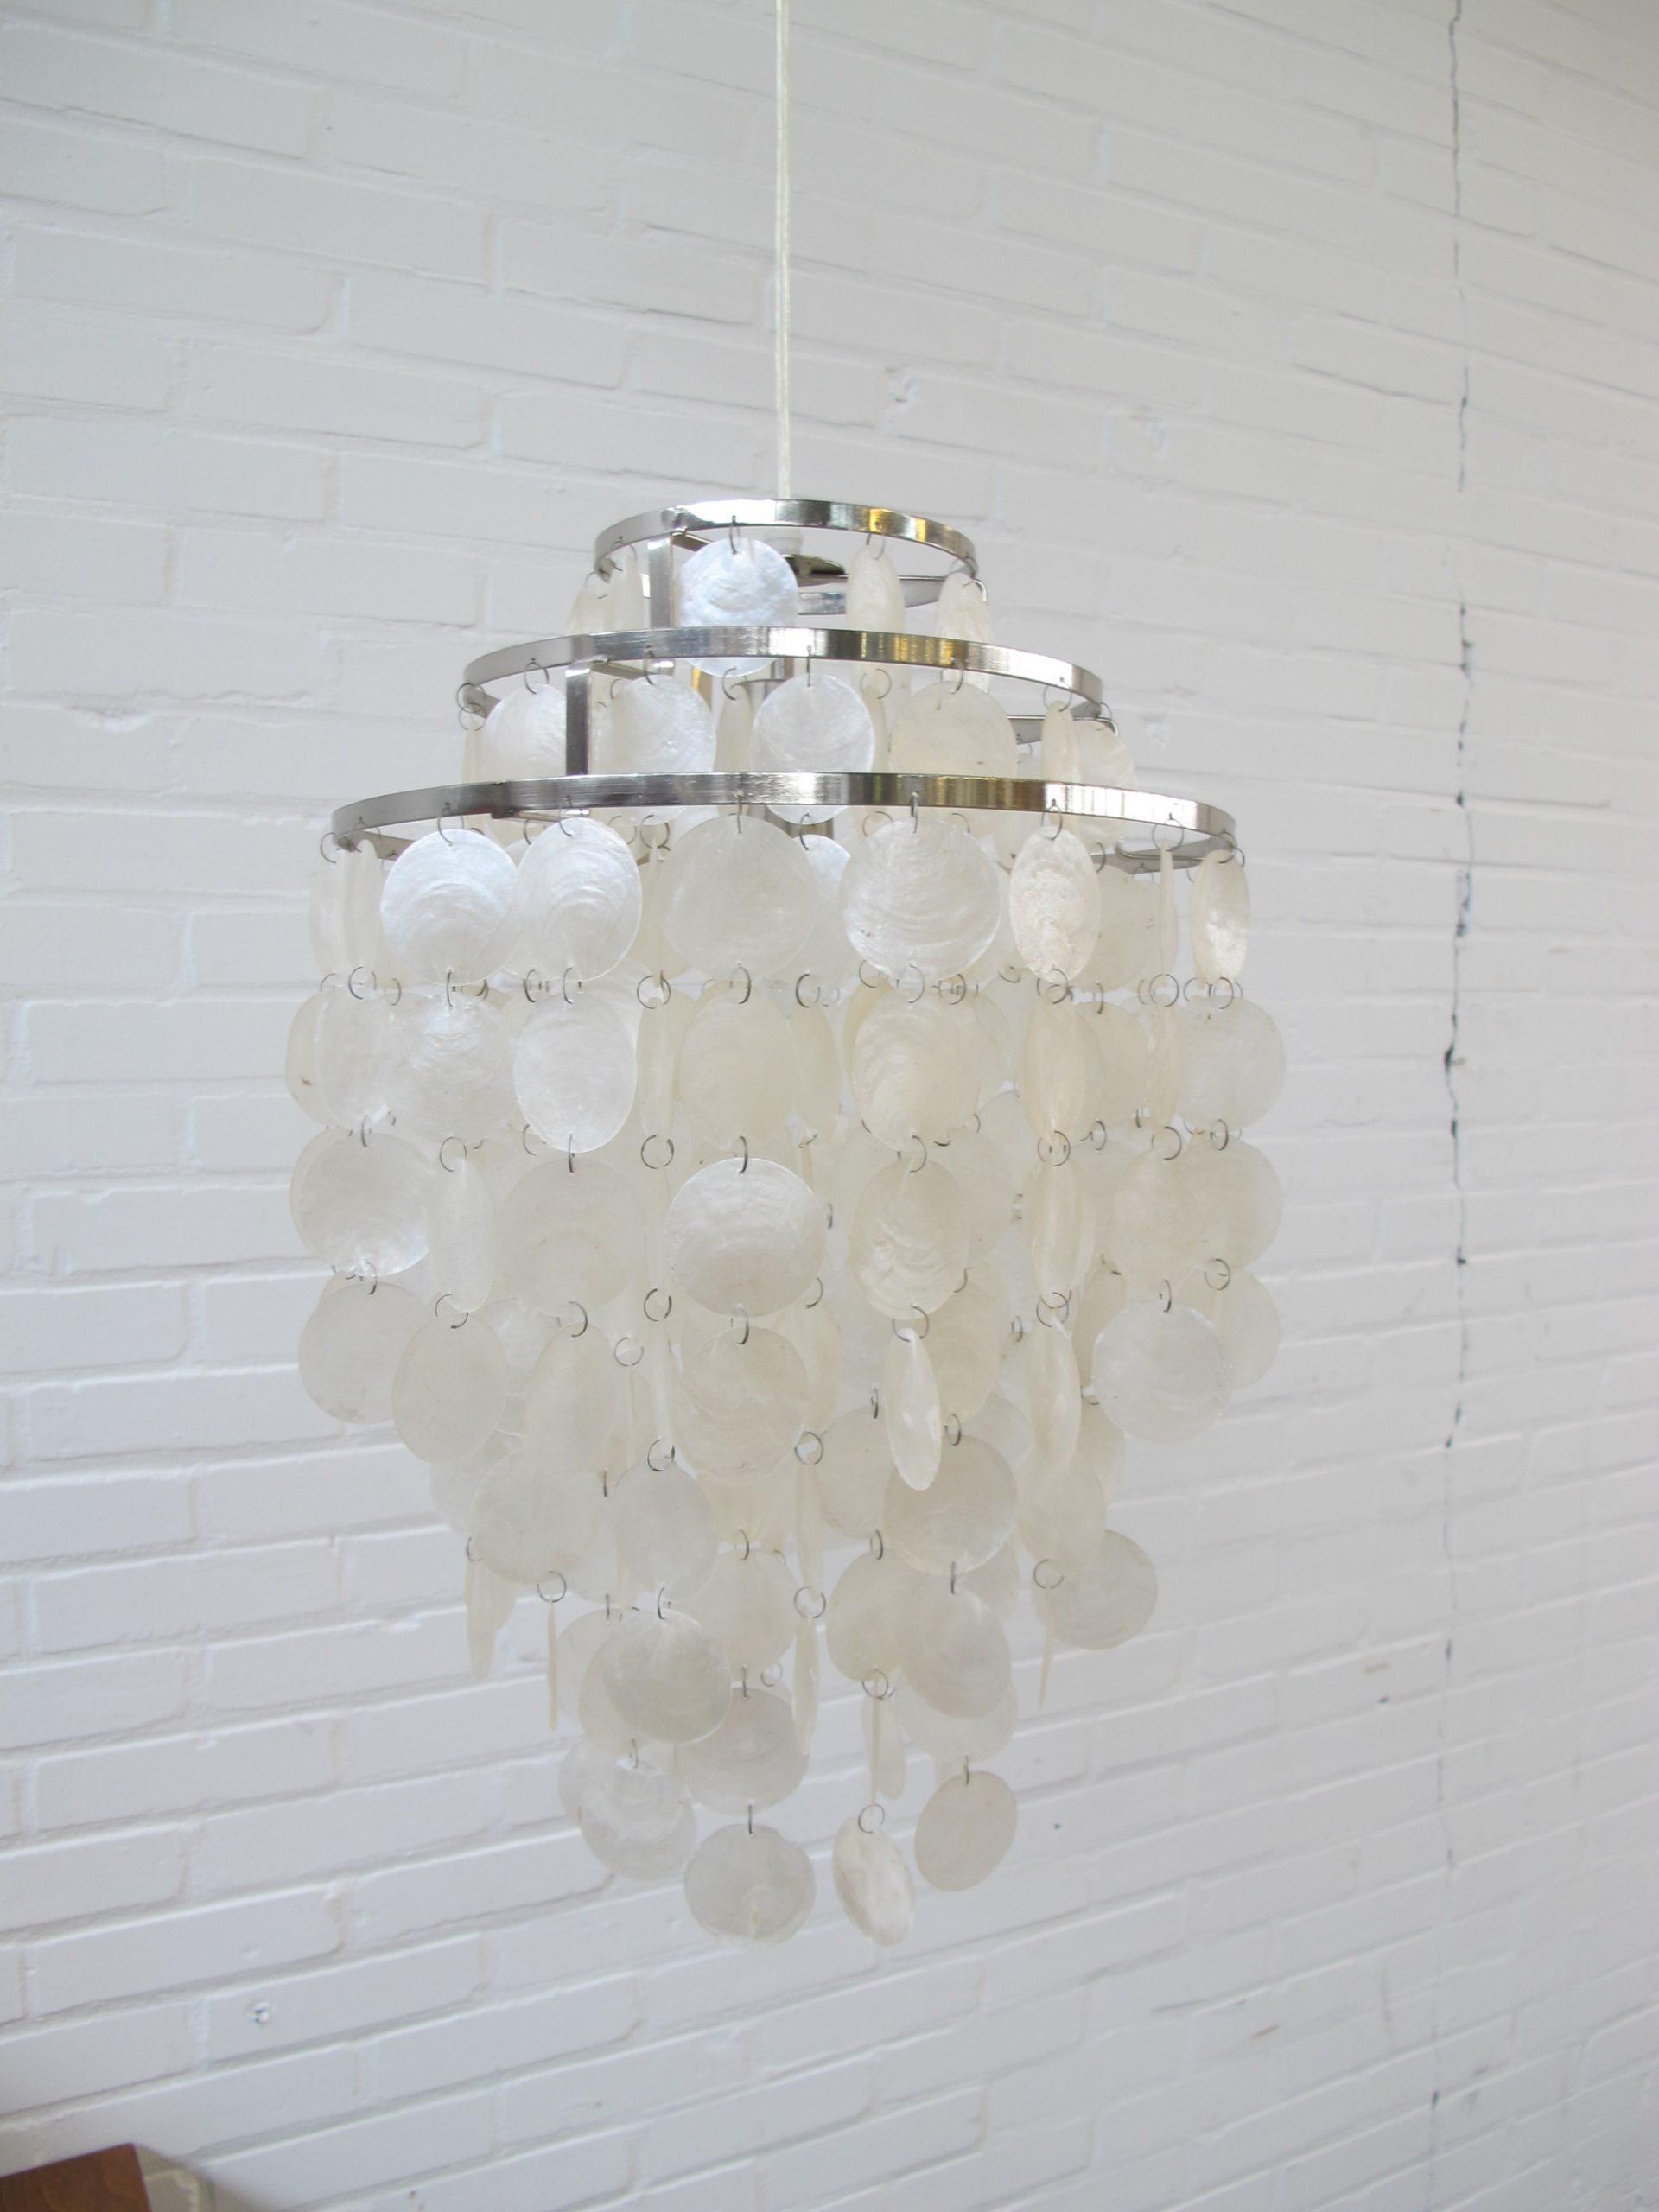 Lamp Mother of Pearl Fun 0DM Verner Panton vintage midcentury